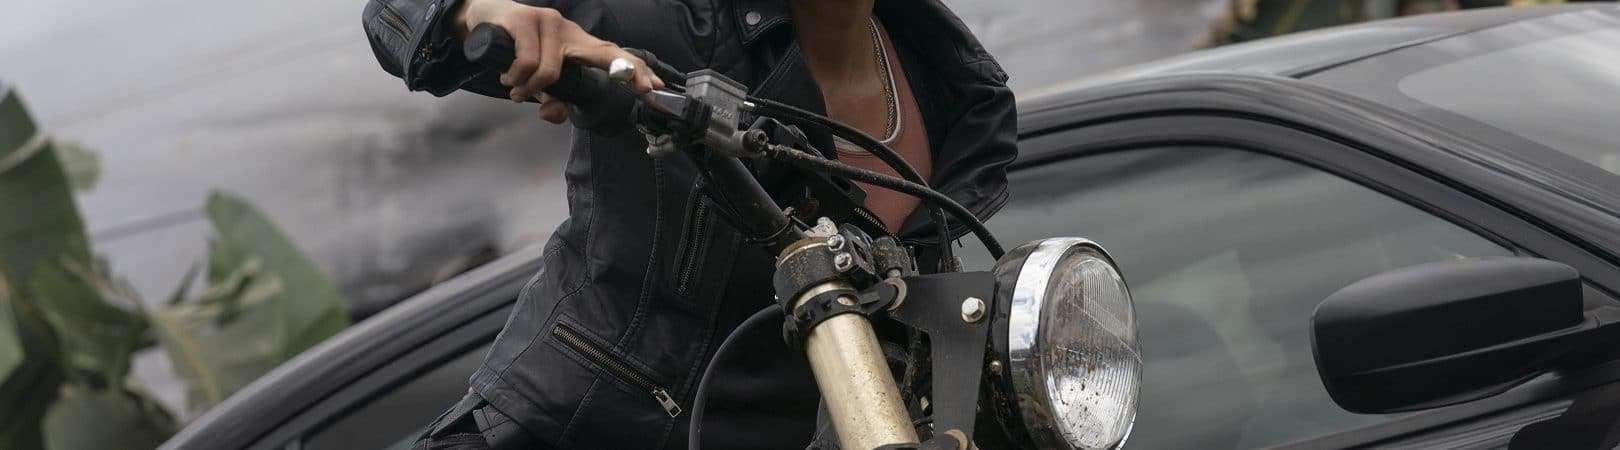 Michelle Rodriguez como Letty em 'F9', dirigido por Justin Lin. Imagem: Universal Pictures/Divulgação